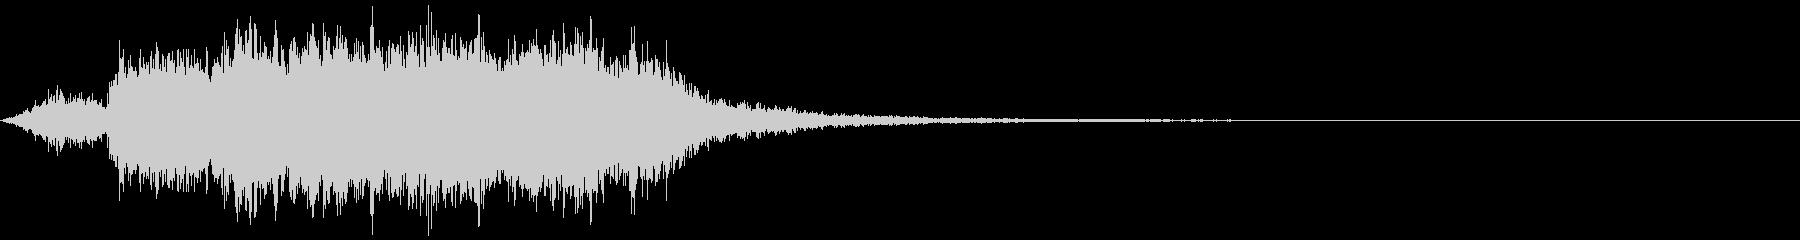 【ホラー】SFX_12 奇妙な音の未再生の波形